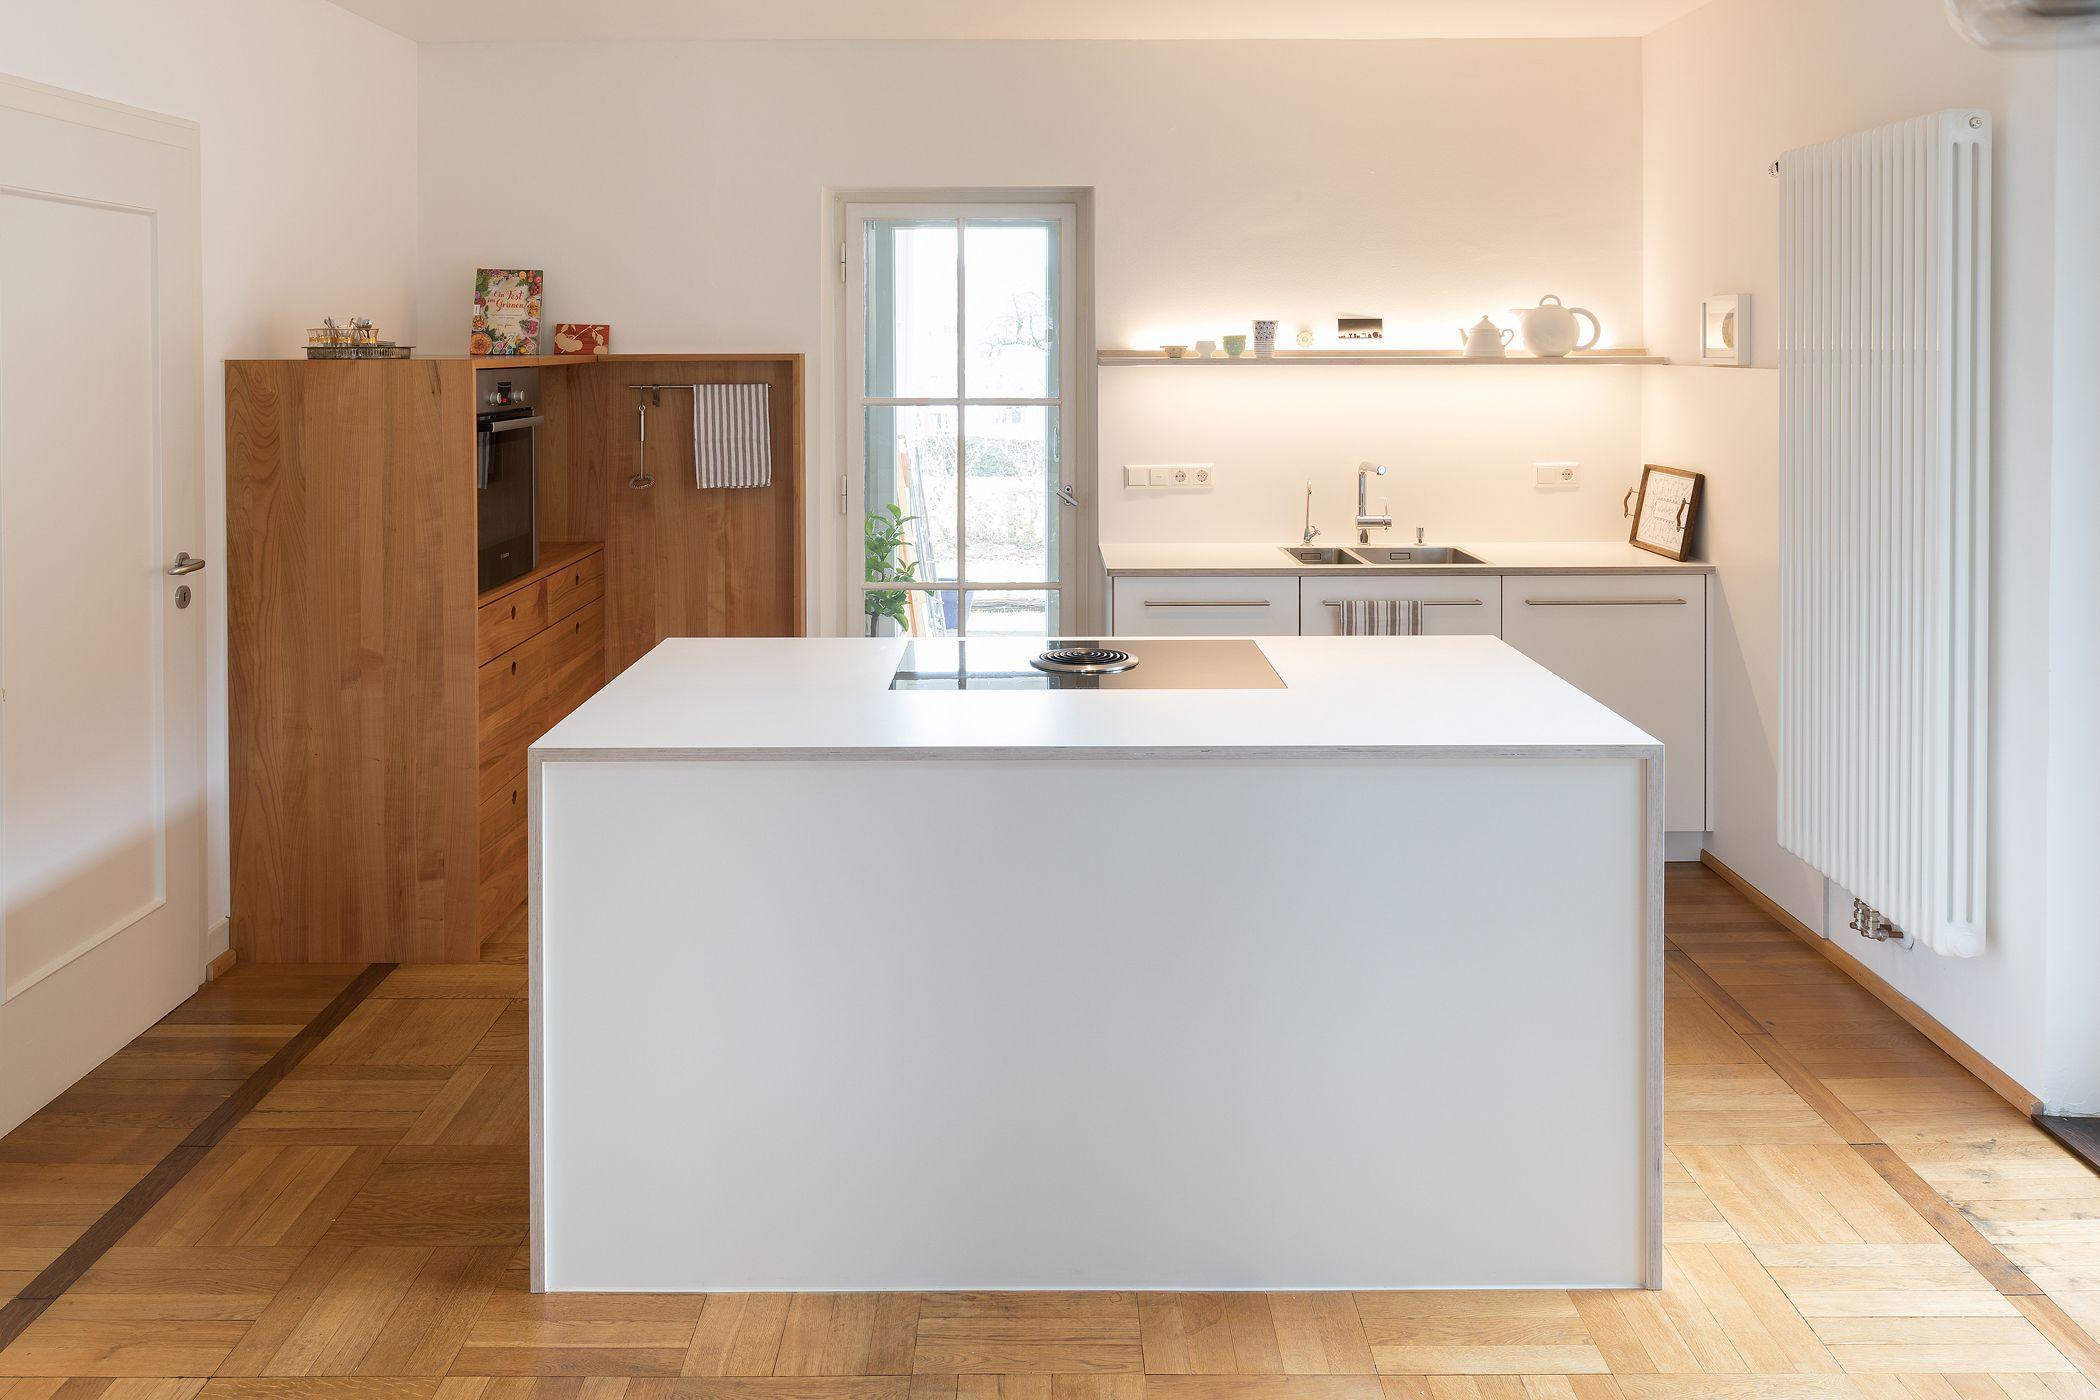 L Kuche Mit Insel Genial 30 Acceptable Einbaukuche Mit Kochinsel Kitchen Inspiration Design Kitchen Design Kitchen